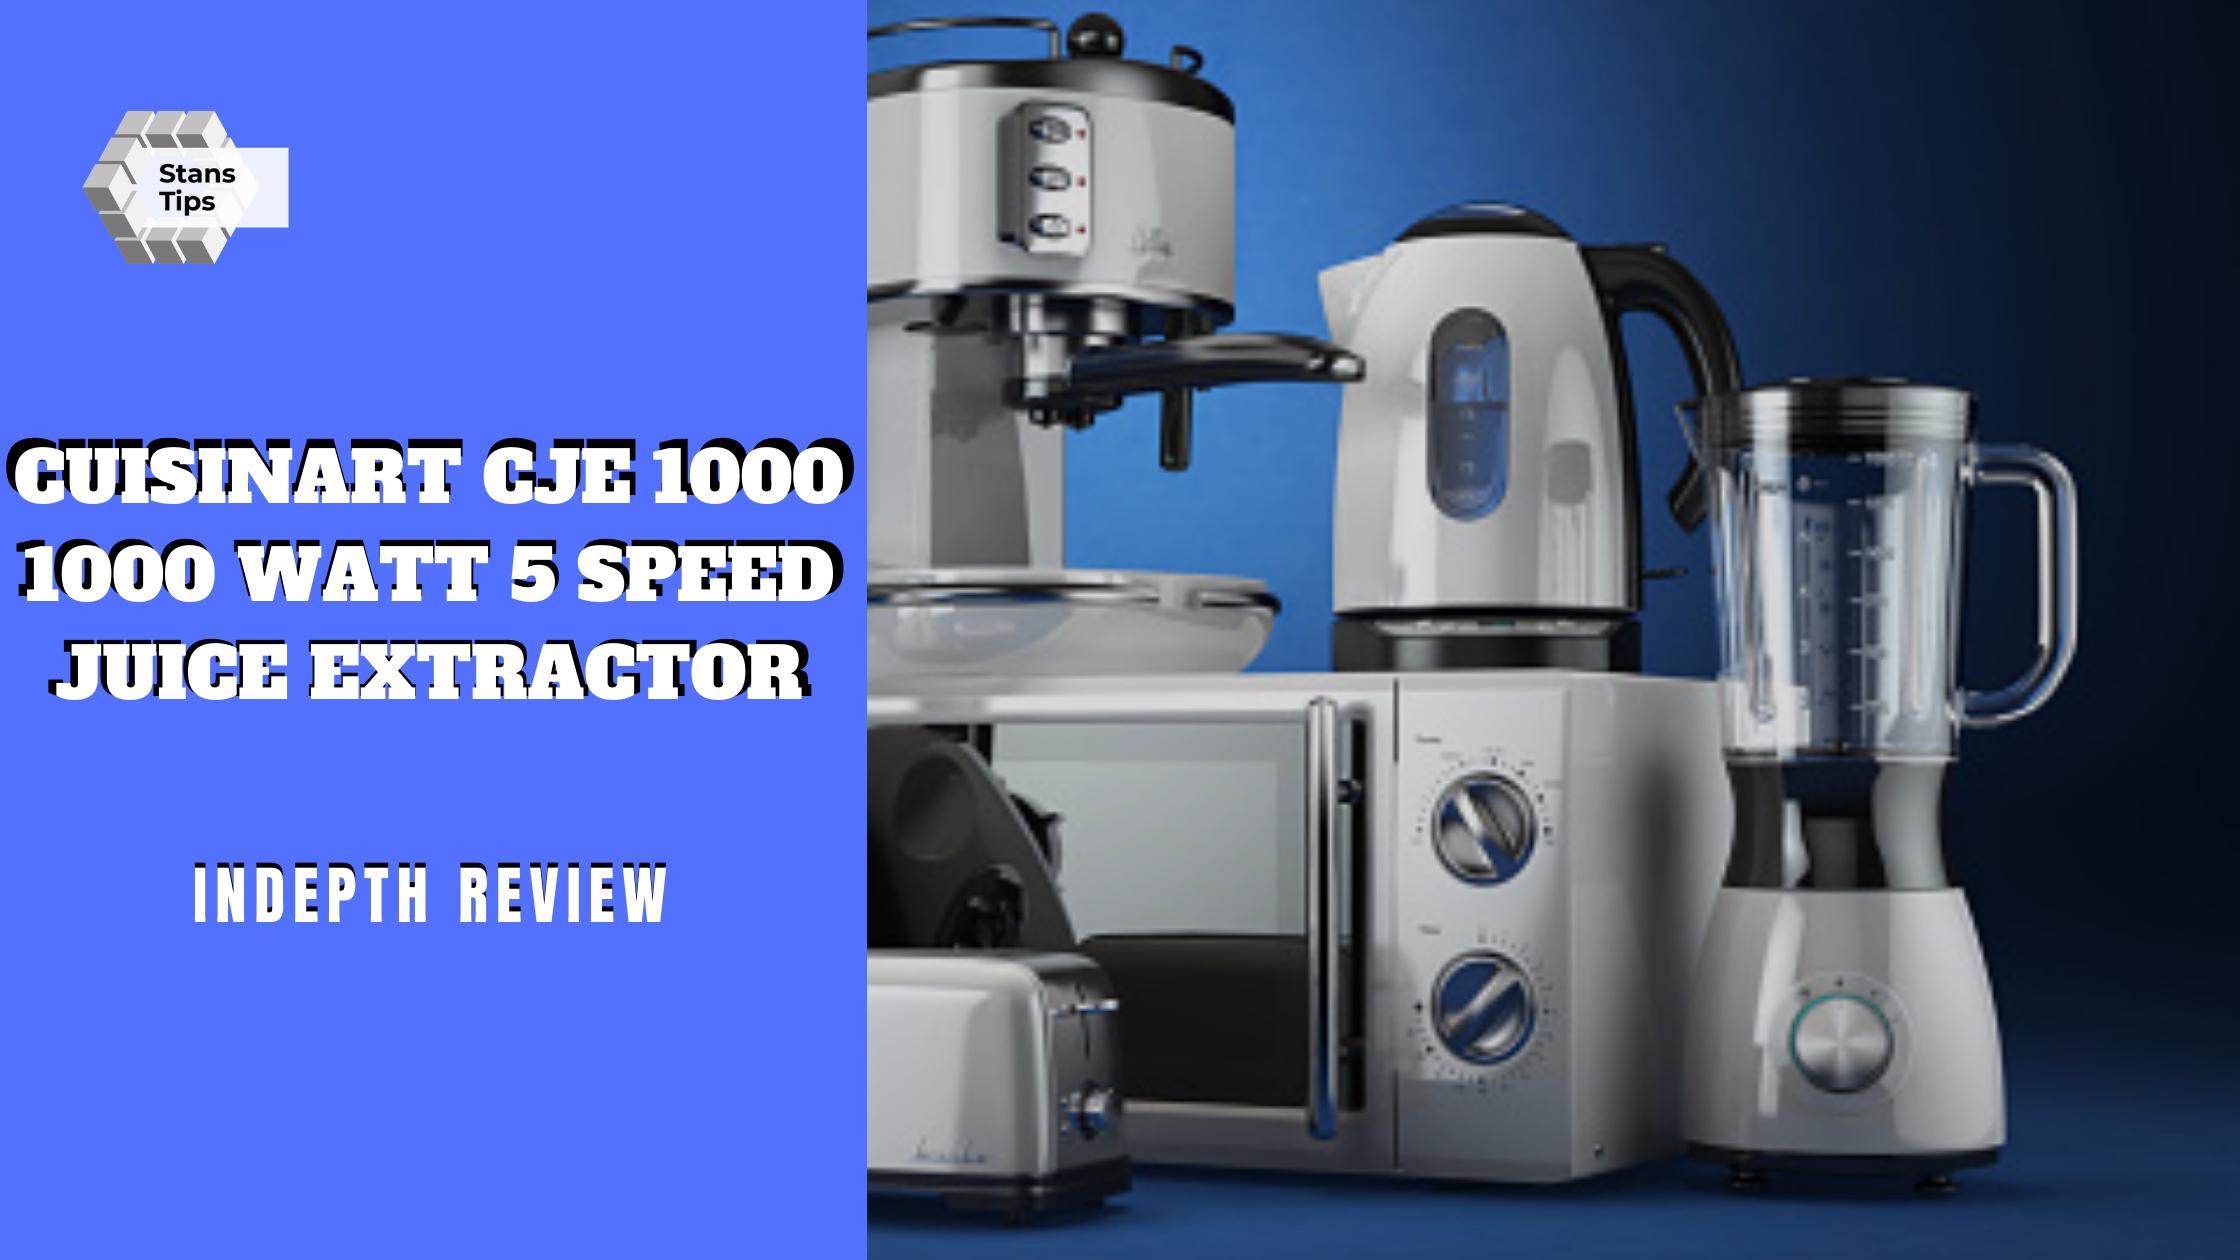 Cuisinart cje 1000 1000 watt 5 speed juice extractor review